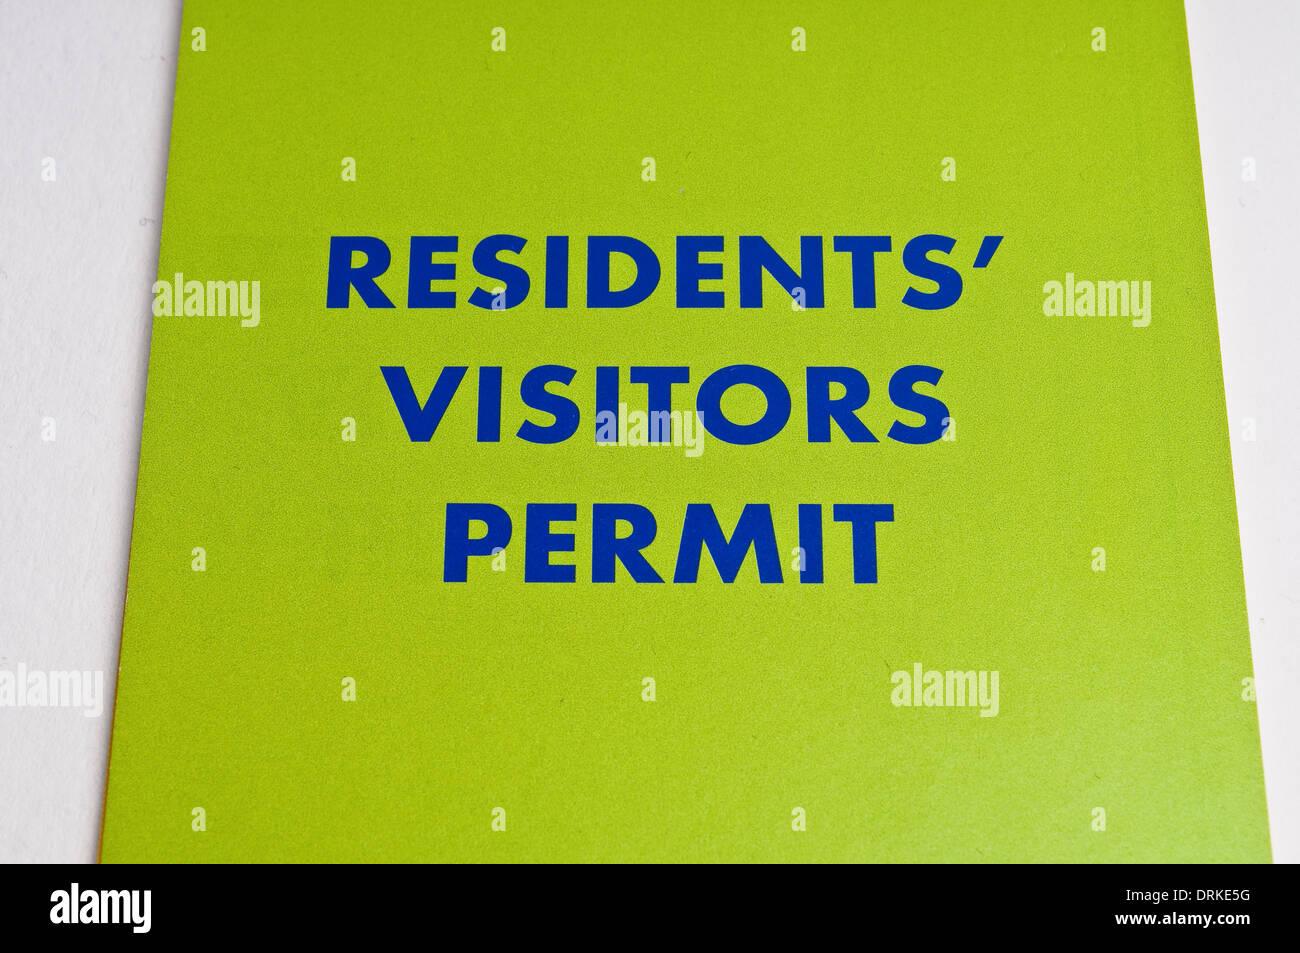 Permiso de estacionamiento de visitantes residentes folleto, London Borough of Richmond upon Thames, Inglaterra, Reino Unido. Foto de stock